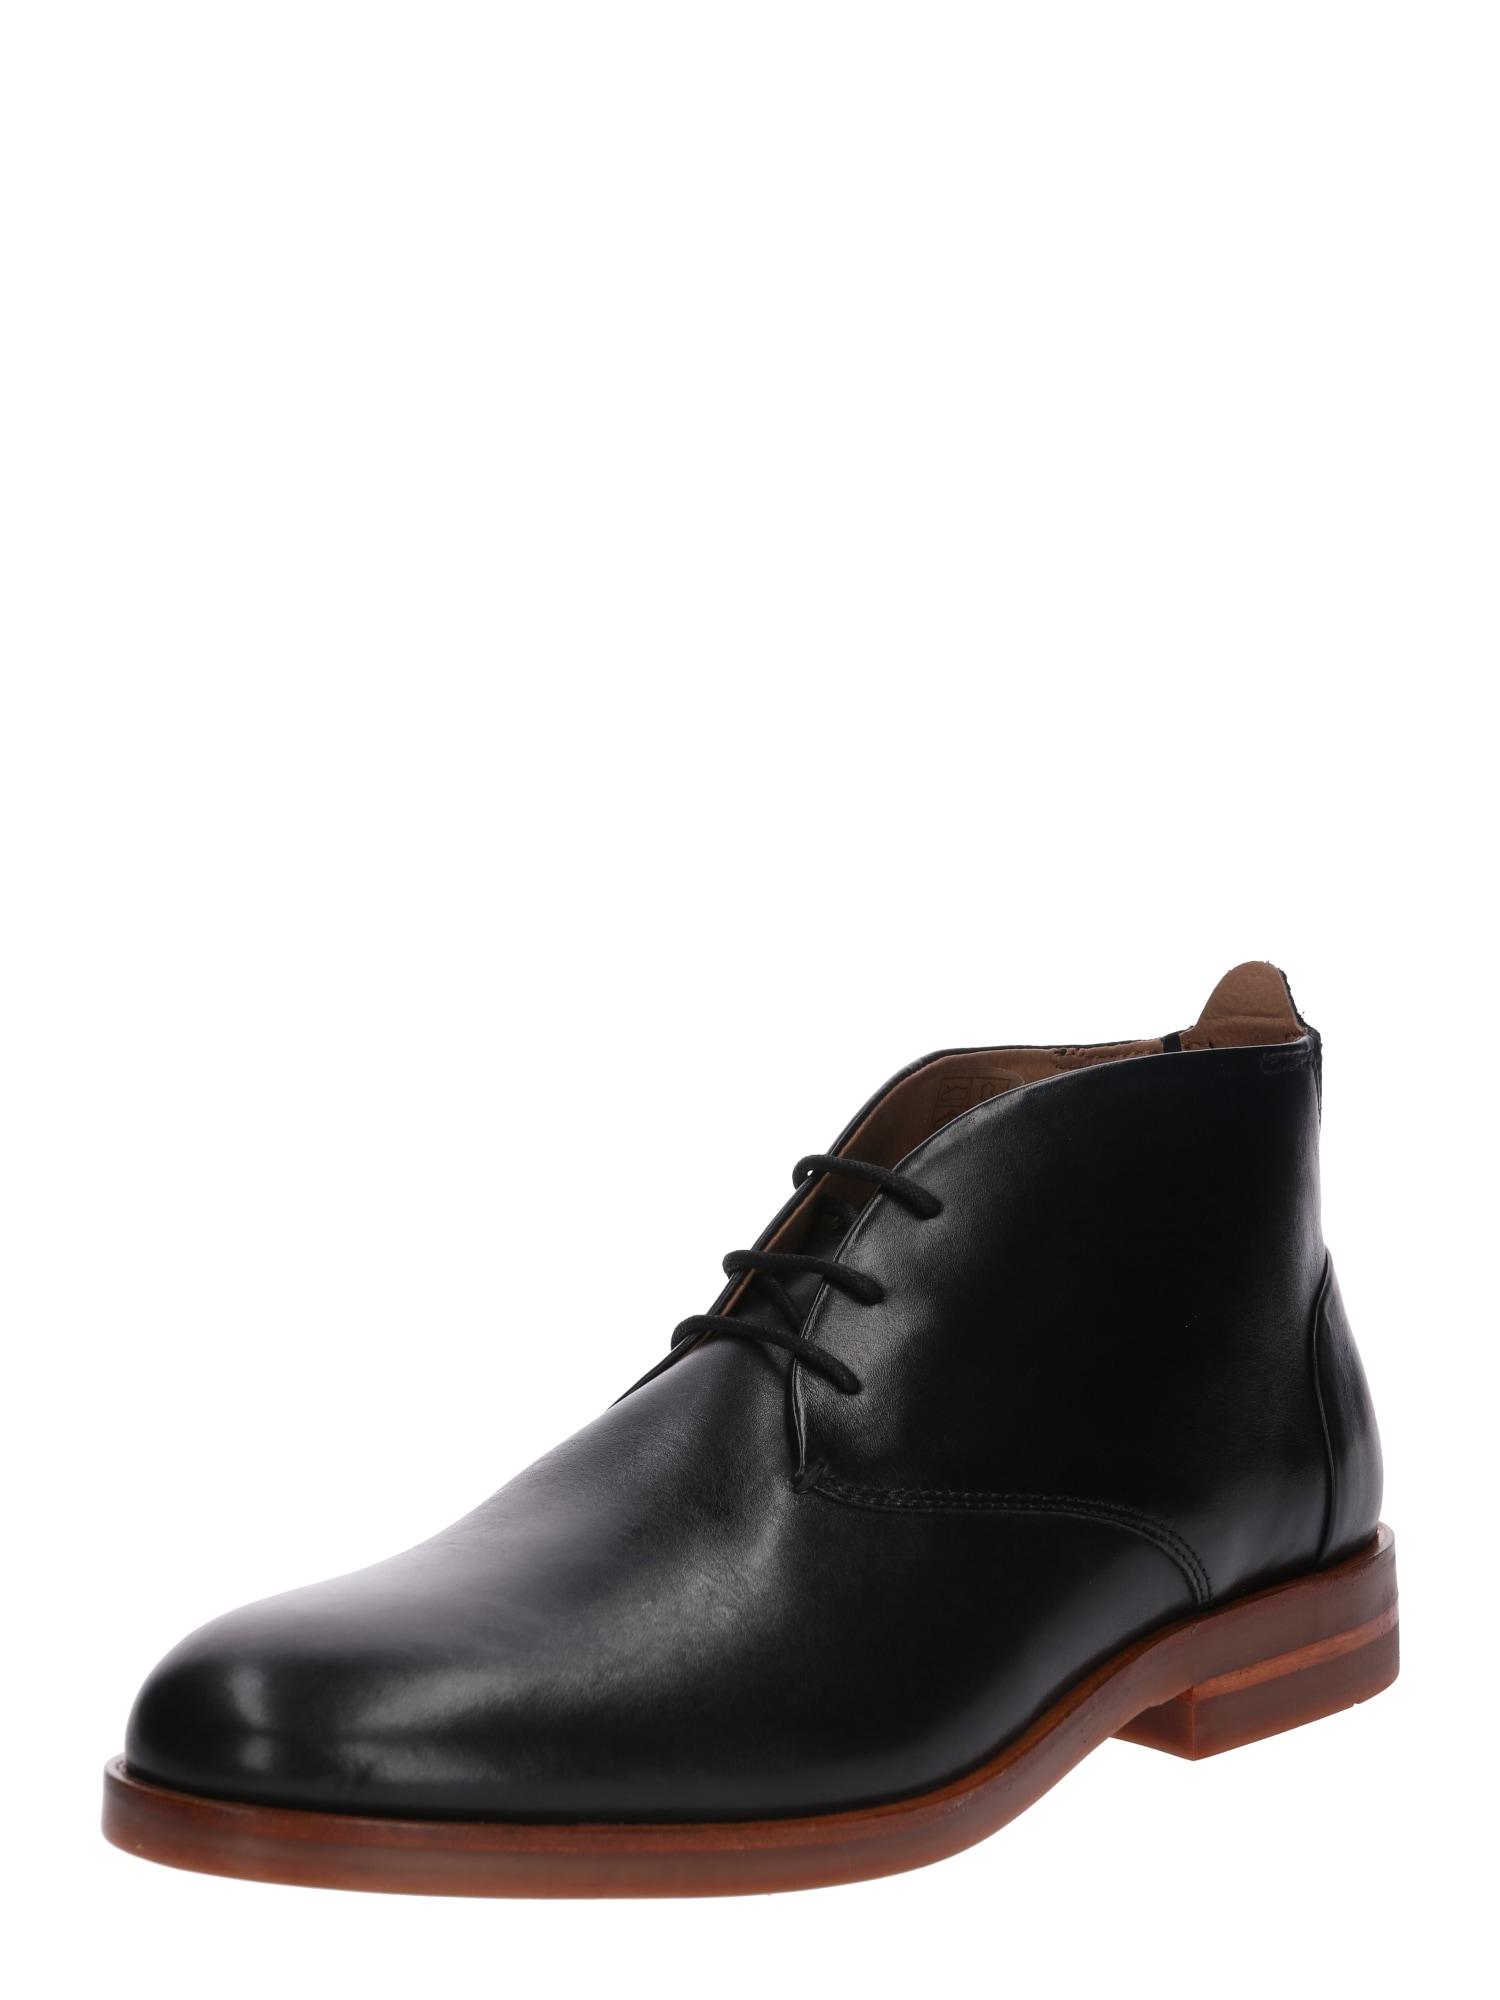 Šněrovací boty Bedlington černá Hudson London